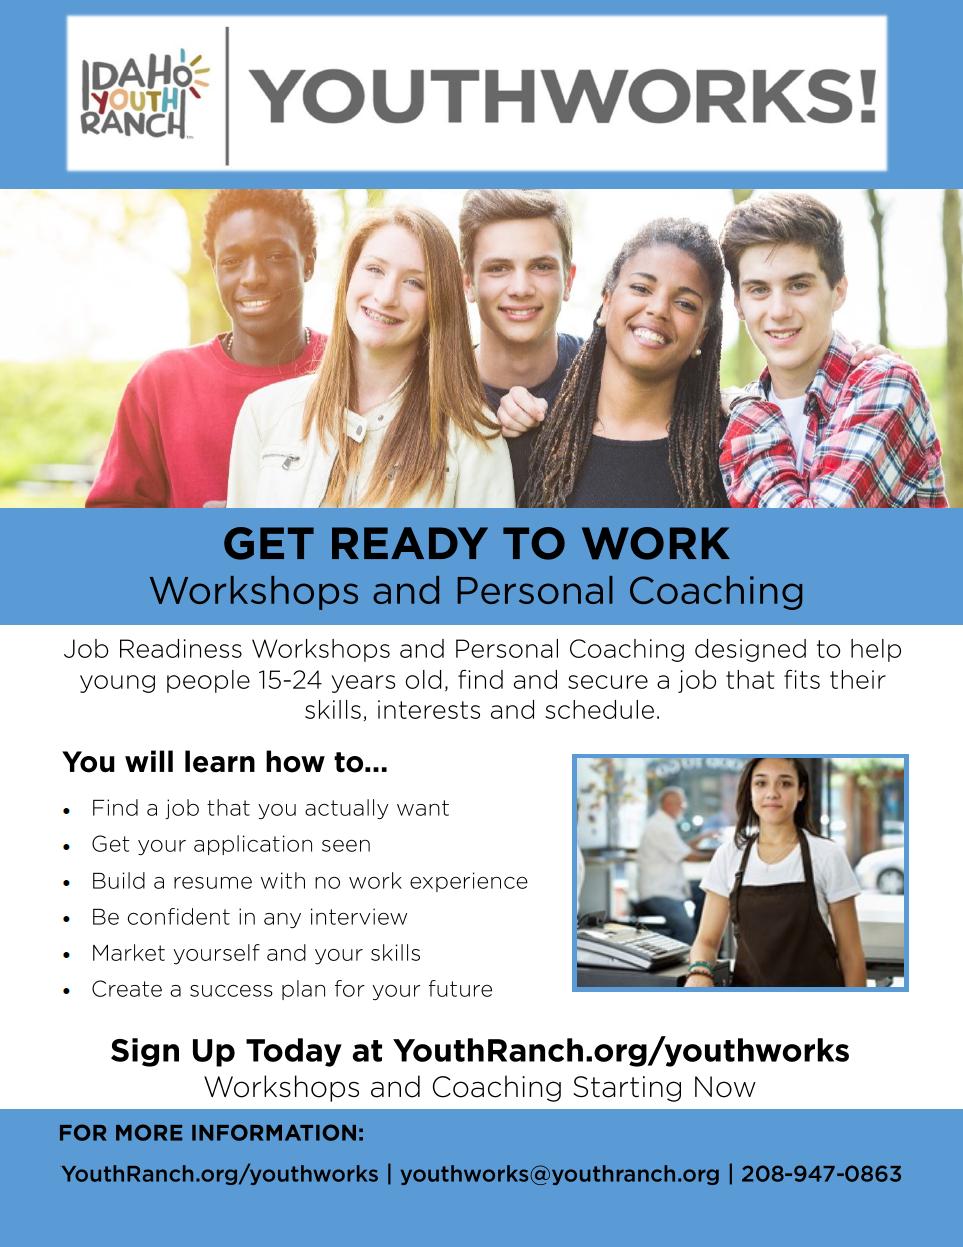 youthworks flyer